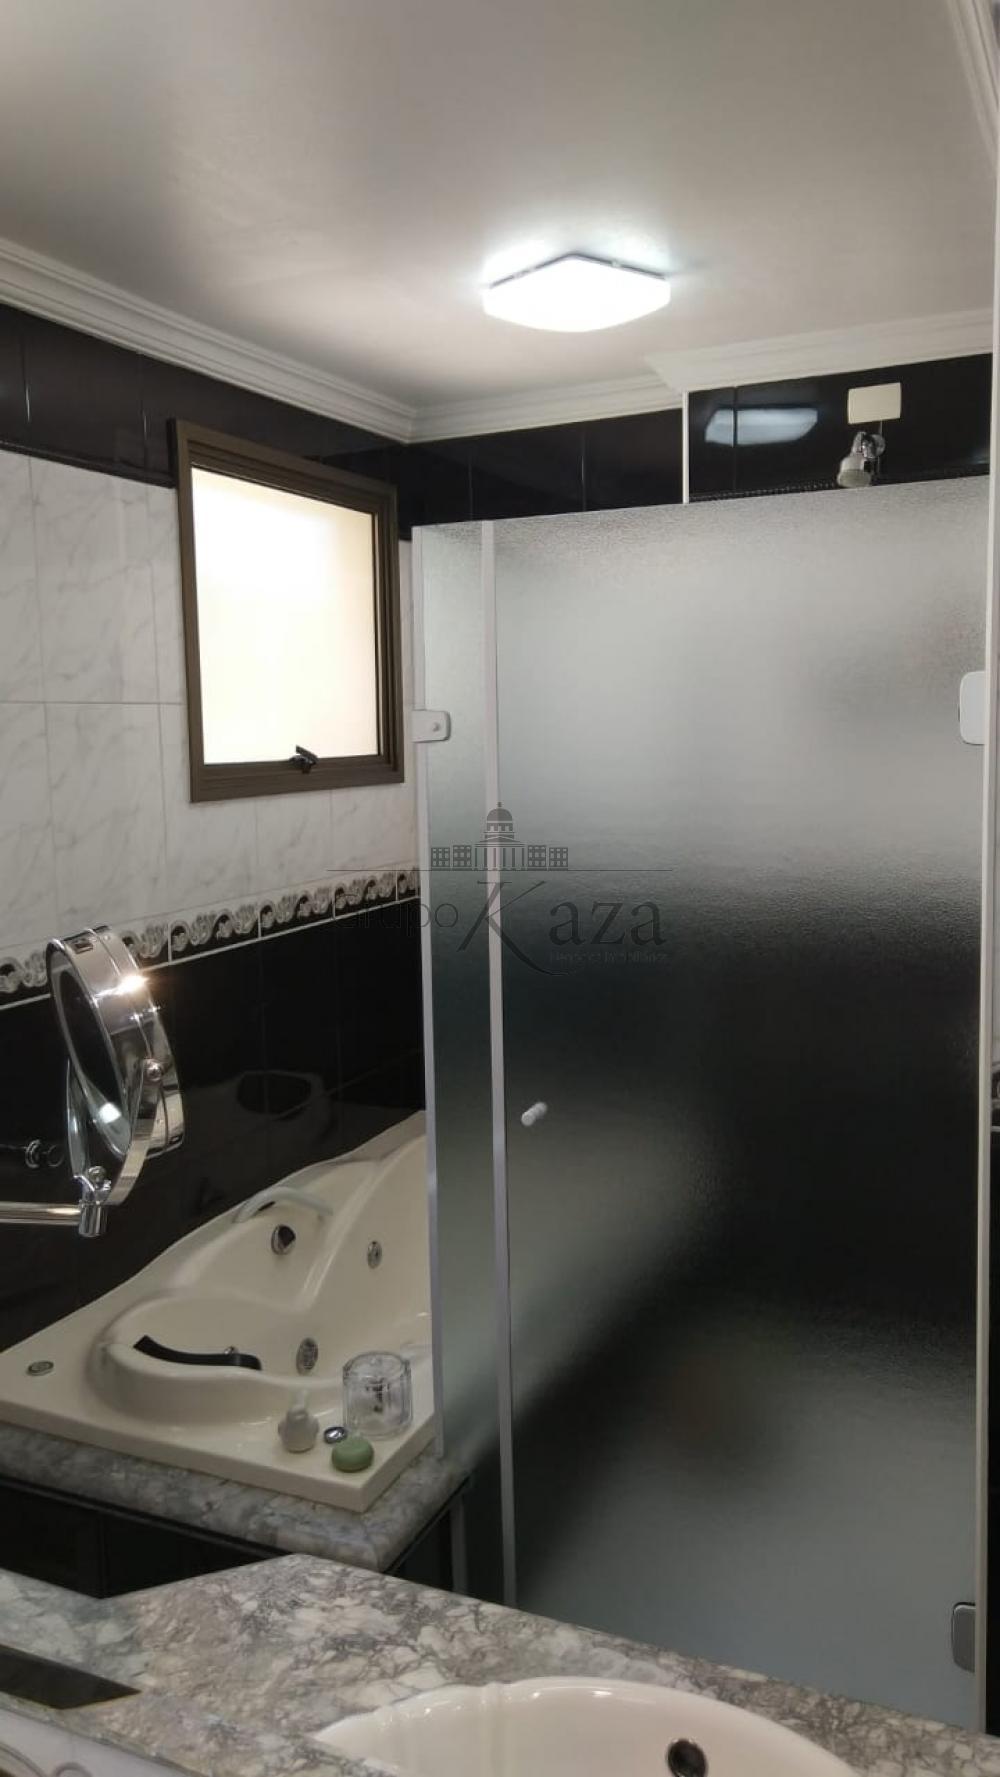 Comprar Apartamento / Padrão em São José dos Campos apenas R$ 1.500.000,00 - Foto 48